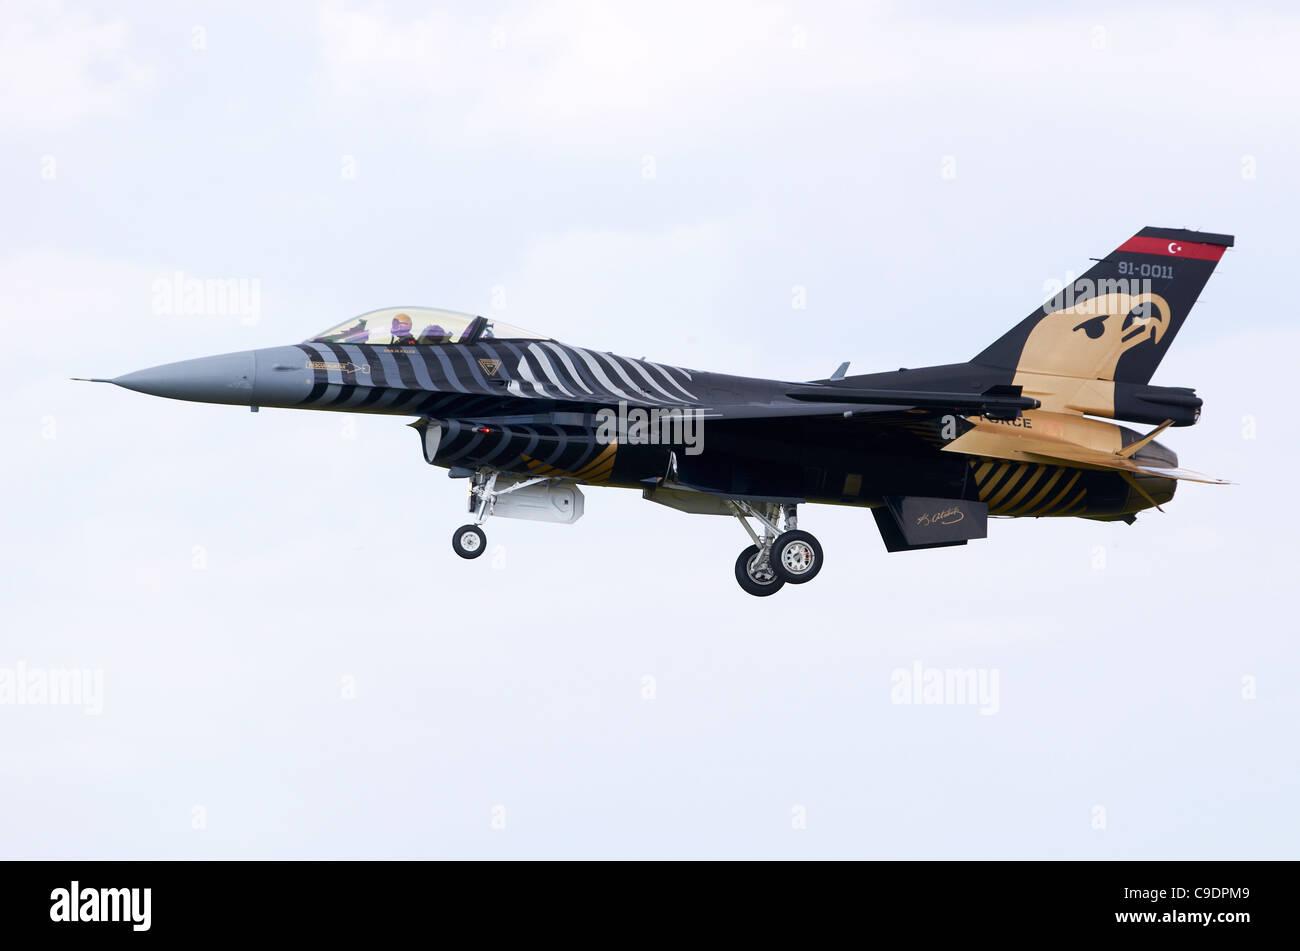 TUSAS F-16CG nuit pèlerin variante du F-16 Falcon, exploité par l'armée de l'air turque, en approche pour l'atterrissage à RAF Fairford Banque D'Images